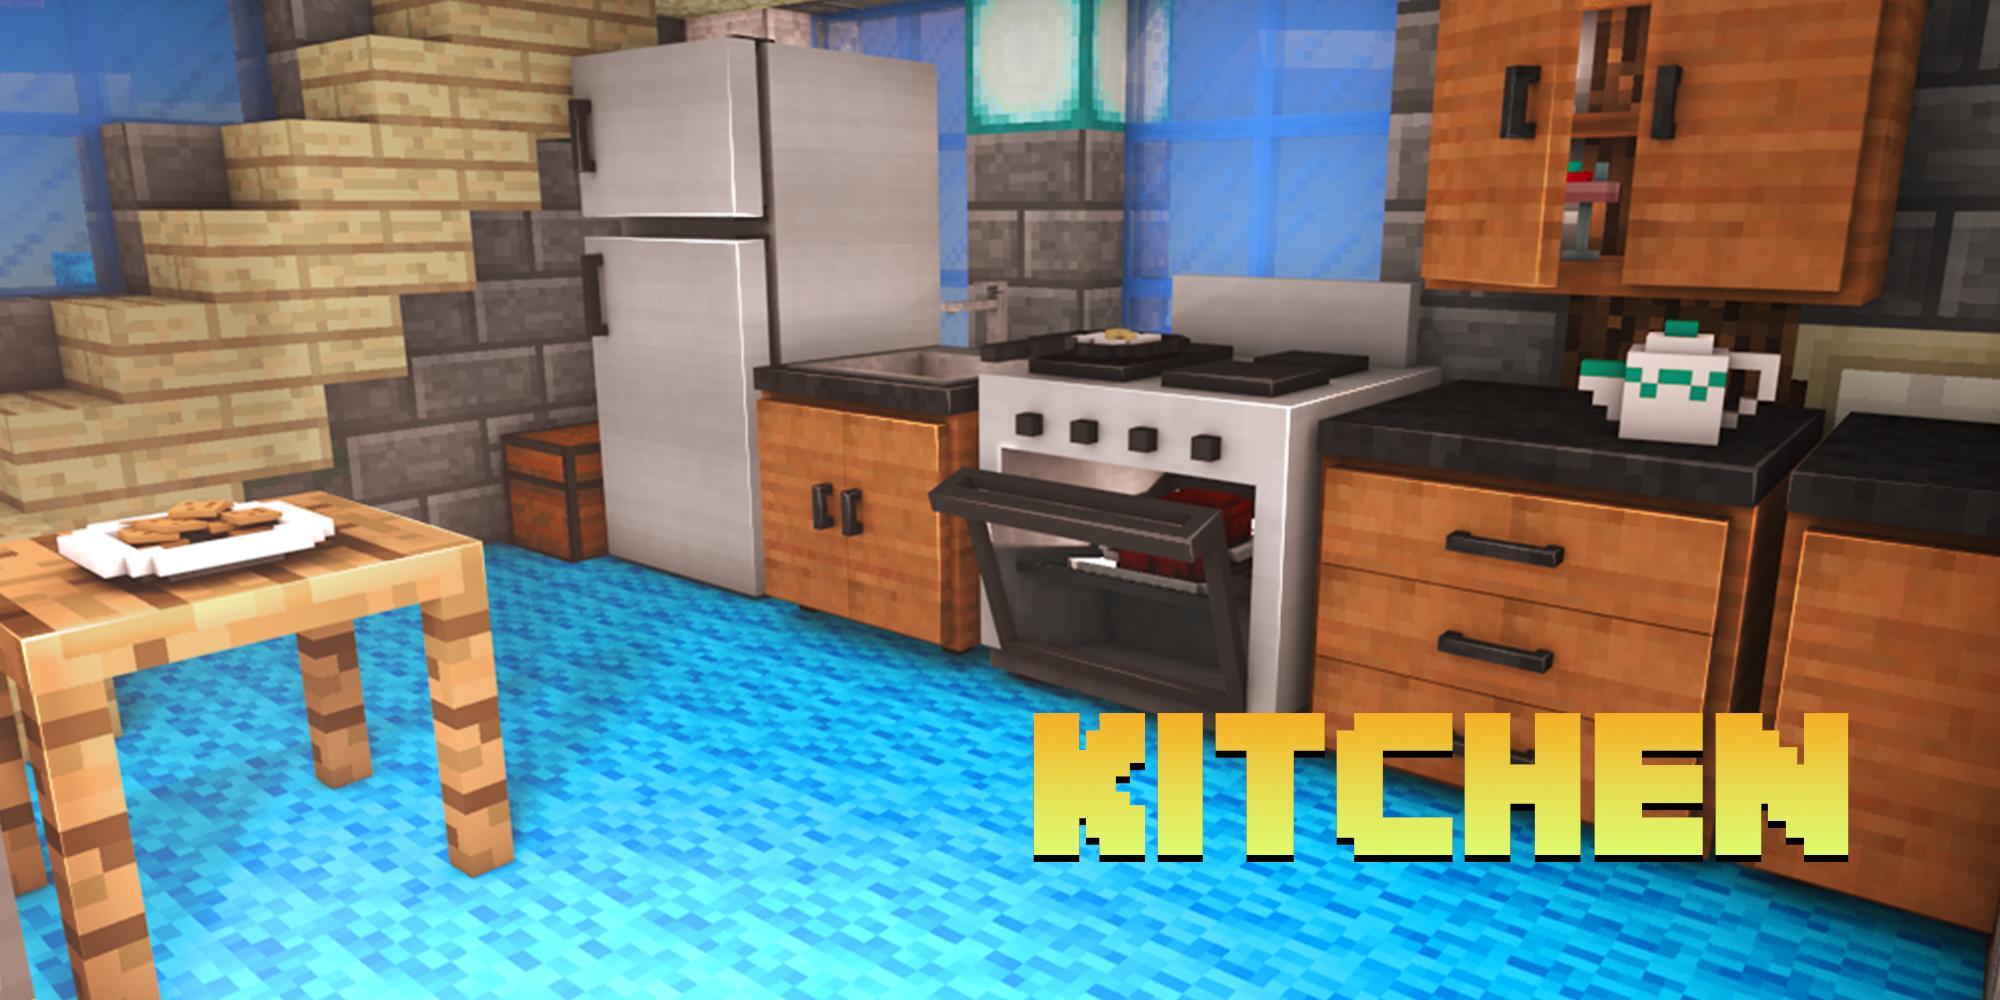 Full Size of Minecraft Küche Mbel Mods Fr Pe Android Apk Herunterladen Schmales Regal Scheibengardinen Modulare Arbeitsplatte Deckenleuchten Laminat Eiche Hell Türkis Mit Wohnzimmer Minecraft Küche